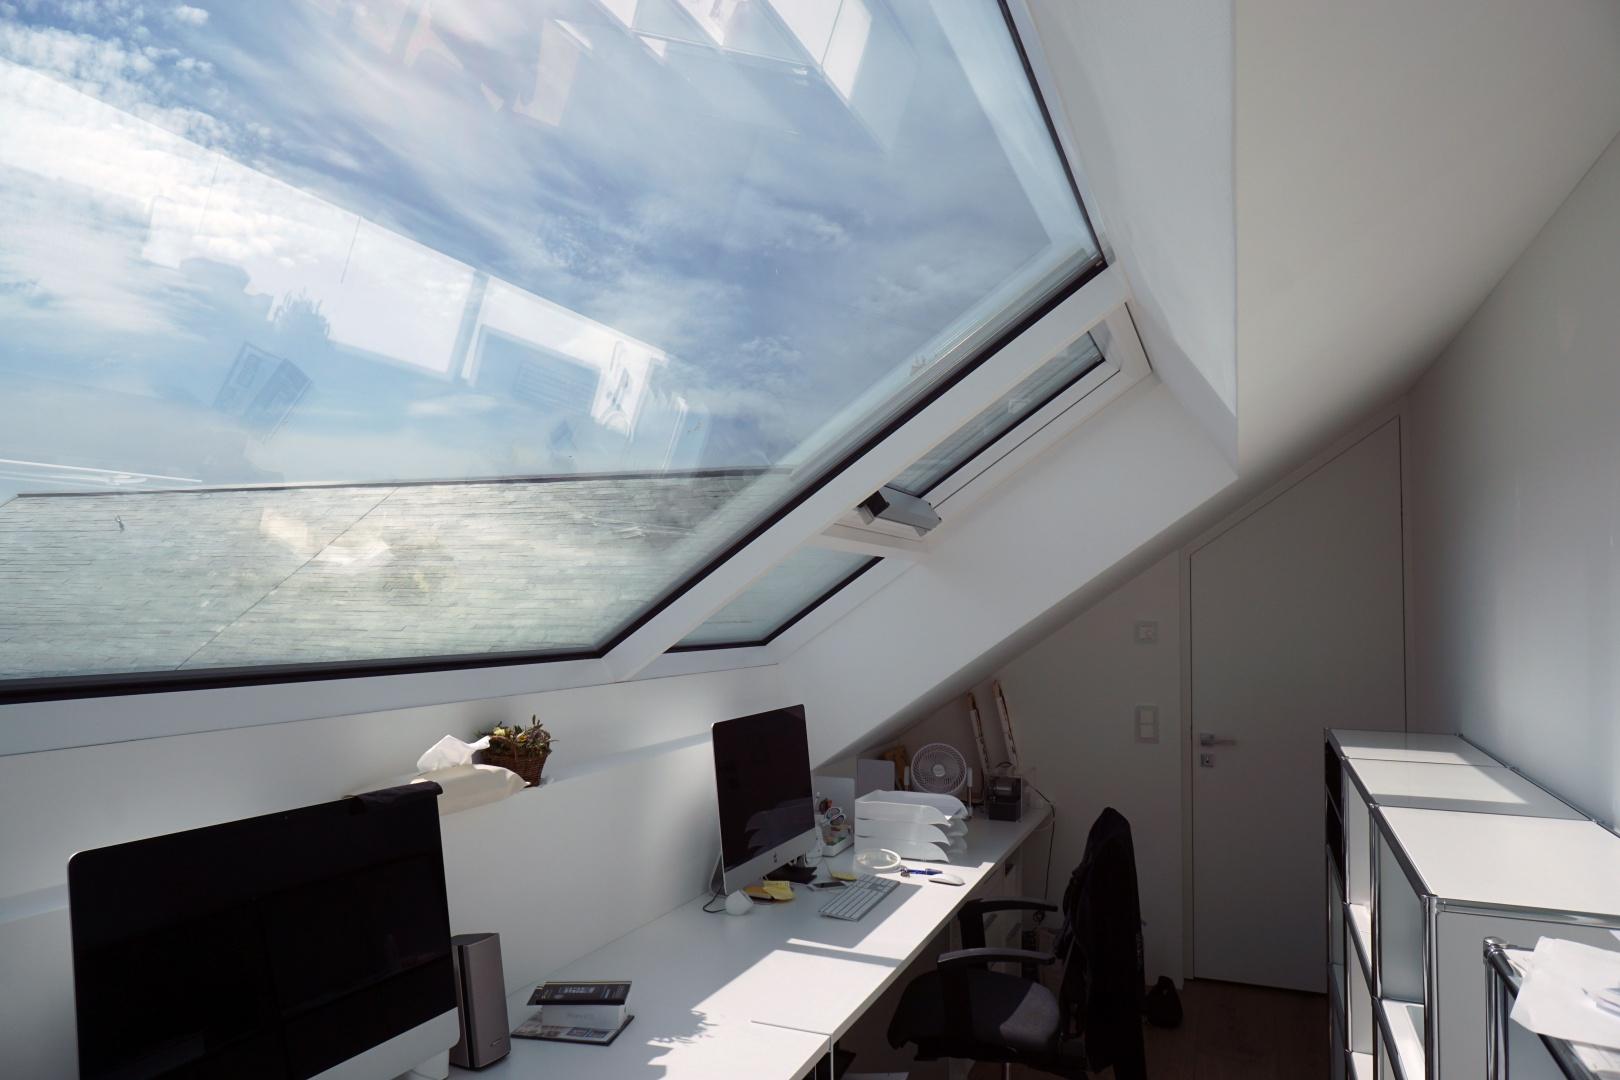 Dach-Studio © Nori-SASAKI  Hagenholzstrasse 104a 8050 Zürich